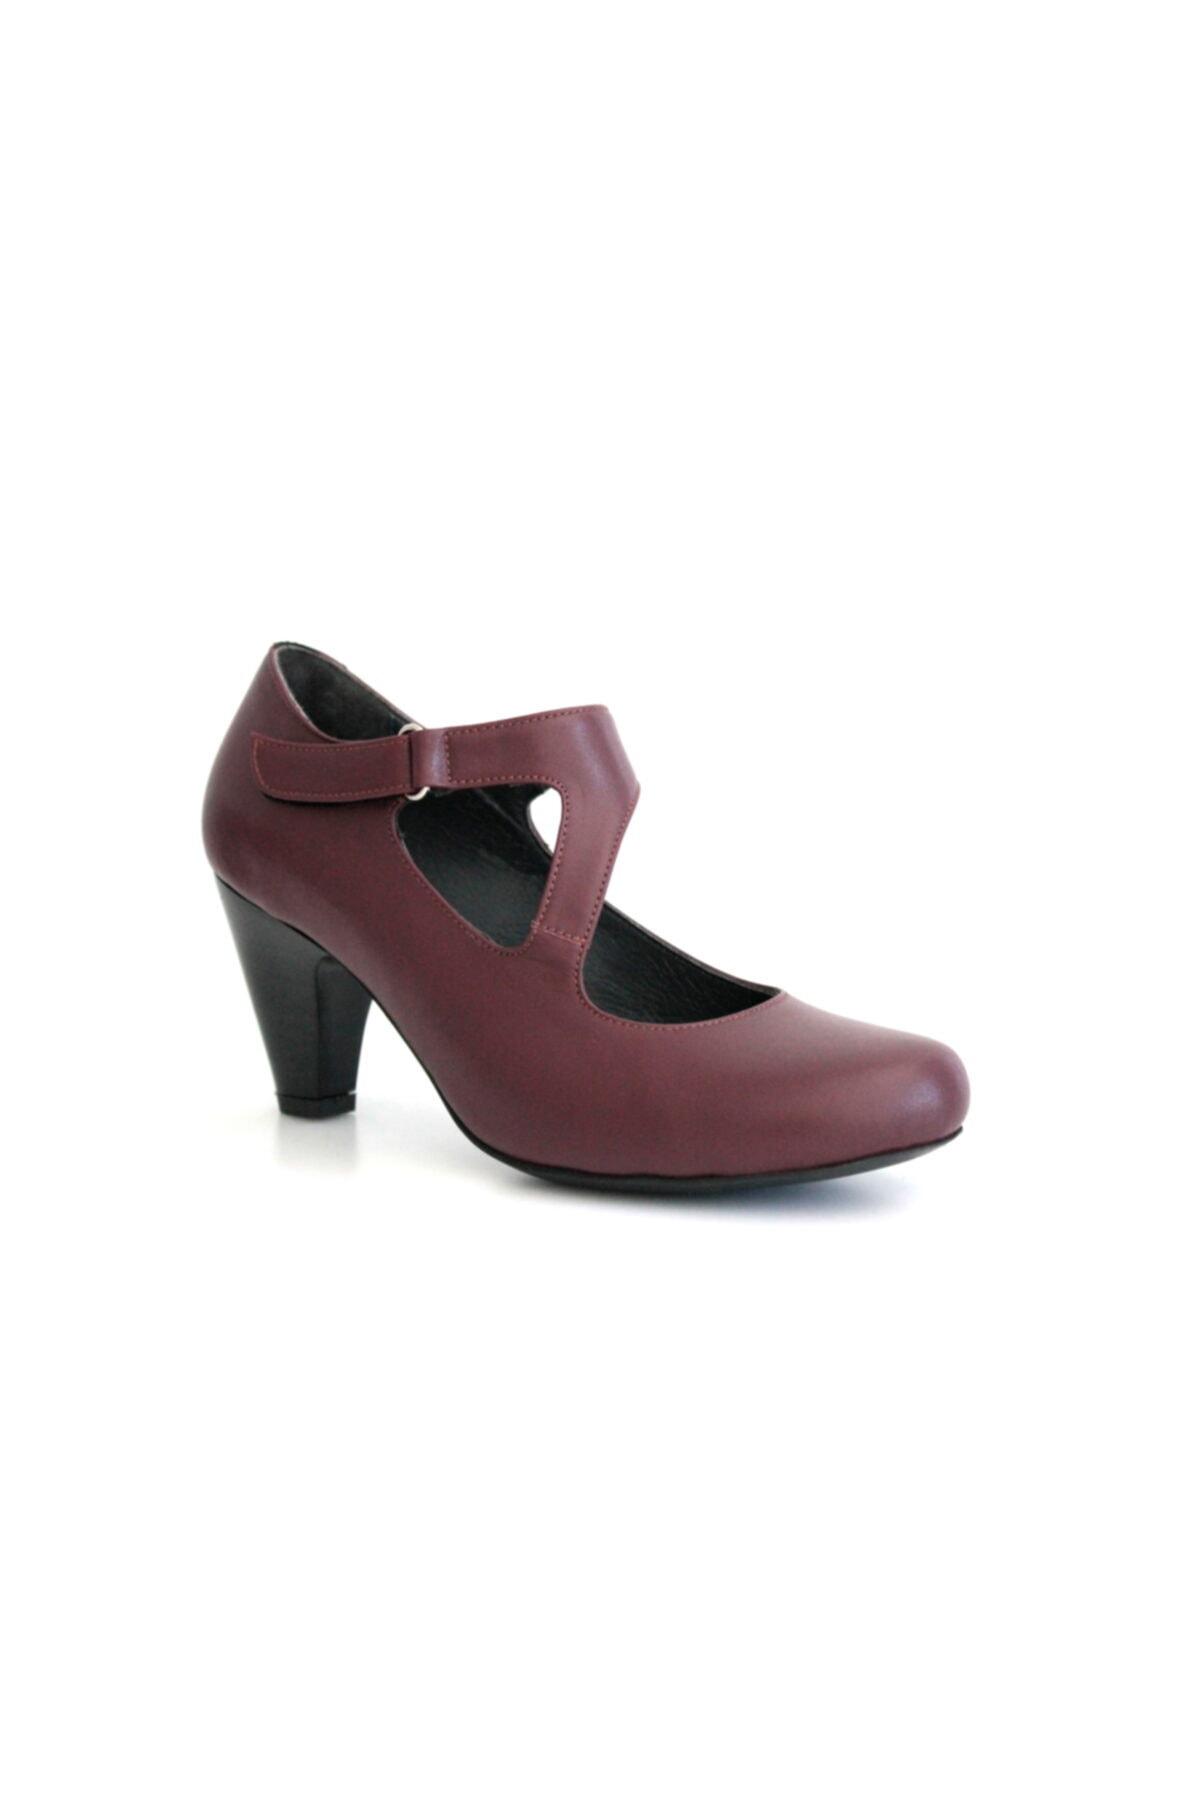 Beta Shoes Kadın Hakiki Deri Topuklu Ayakkabı Bordo 1